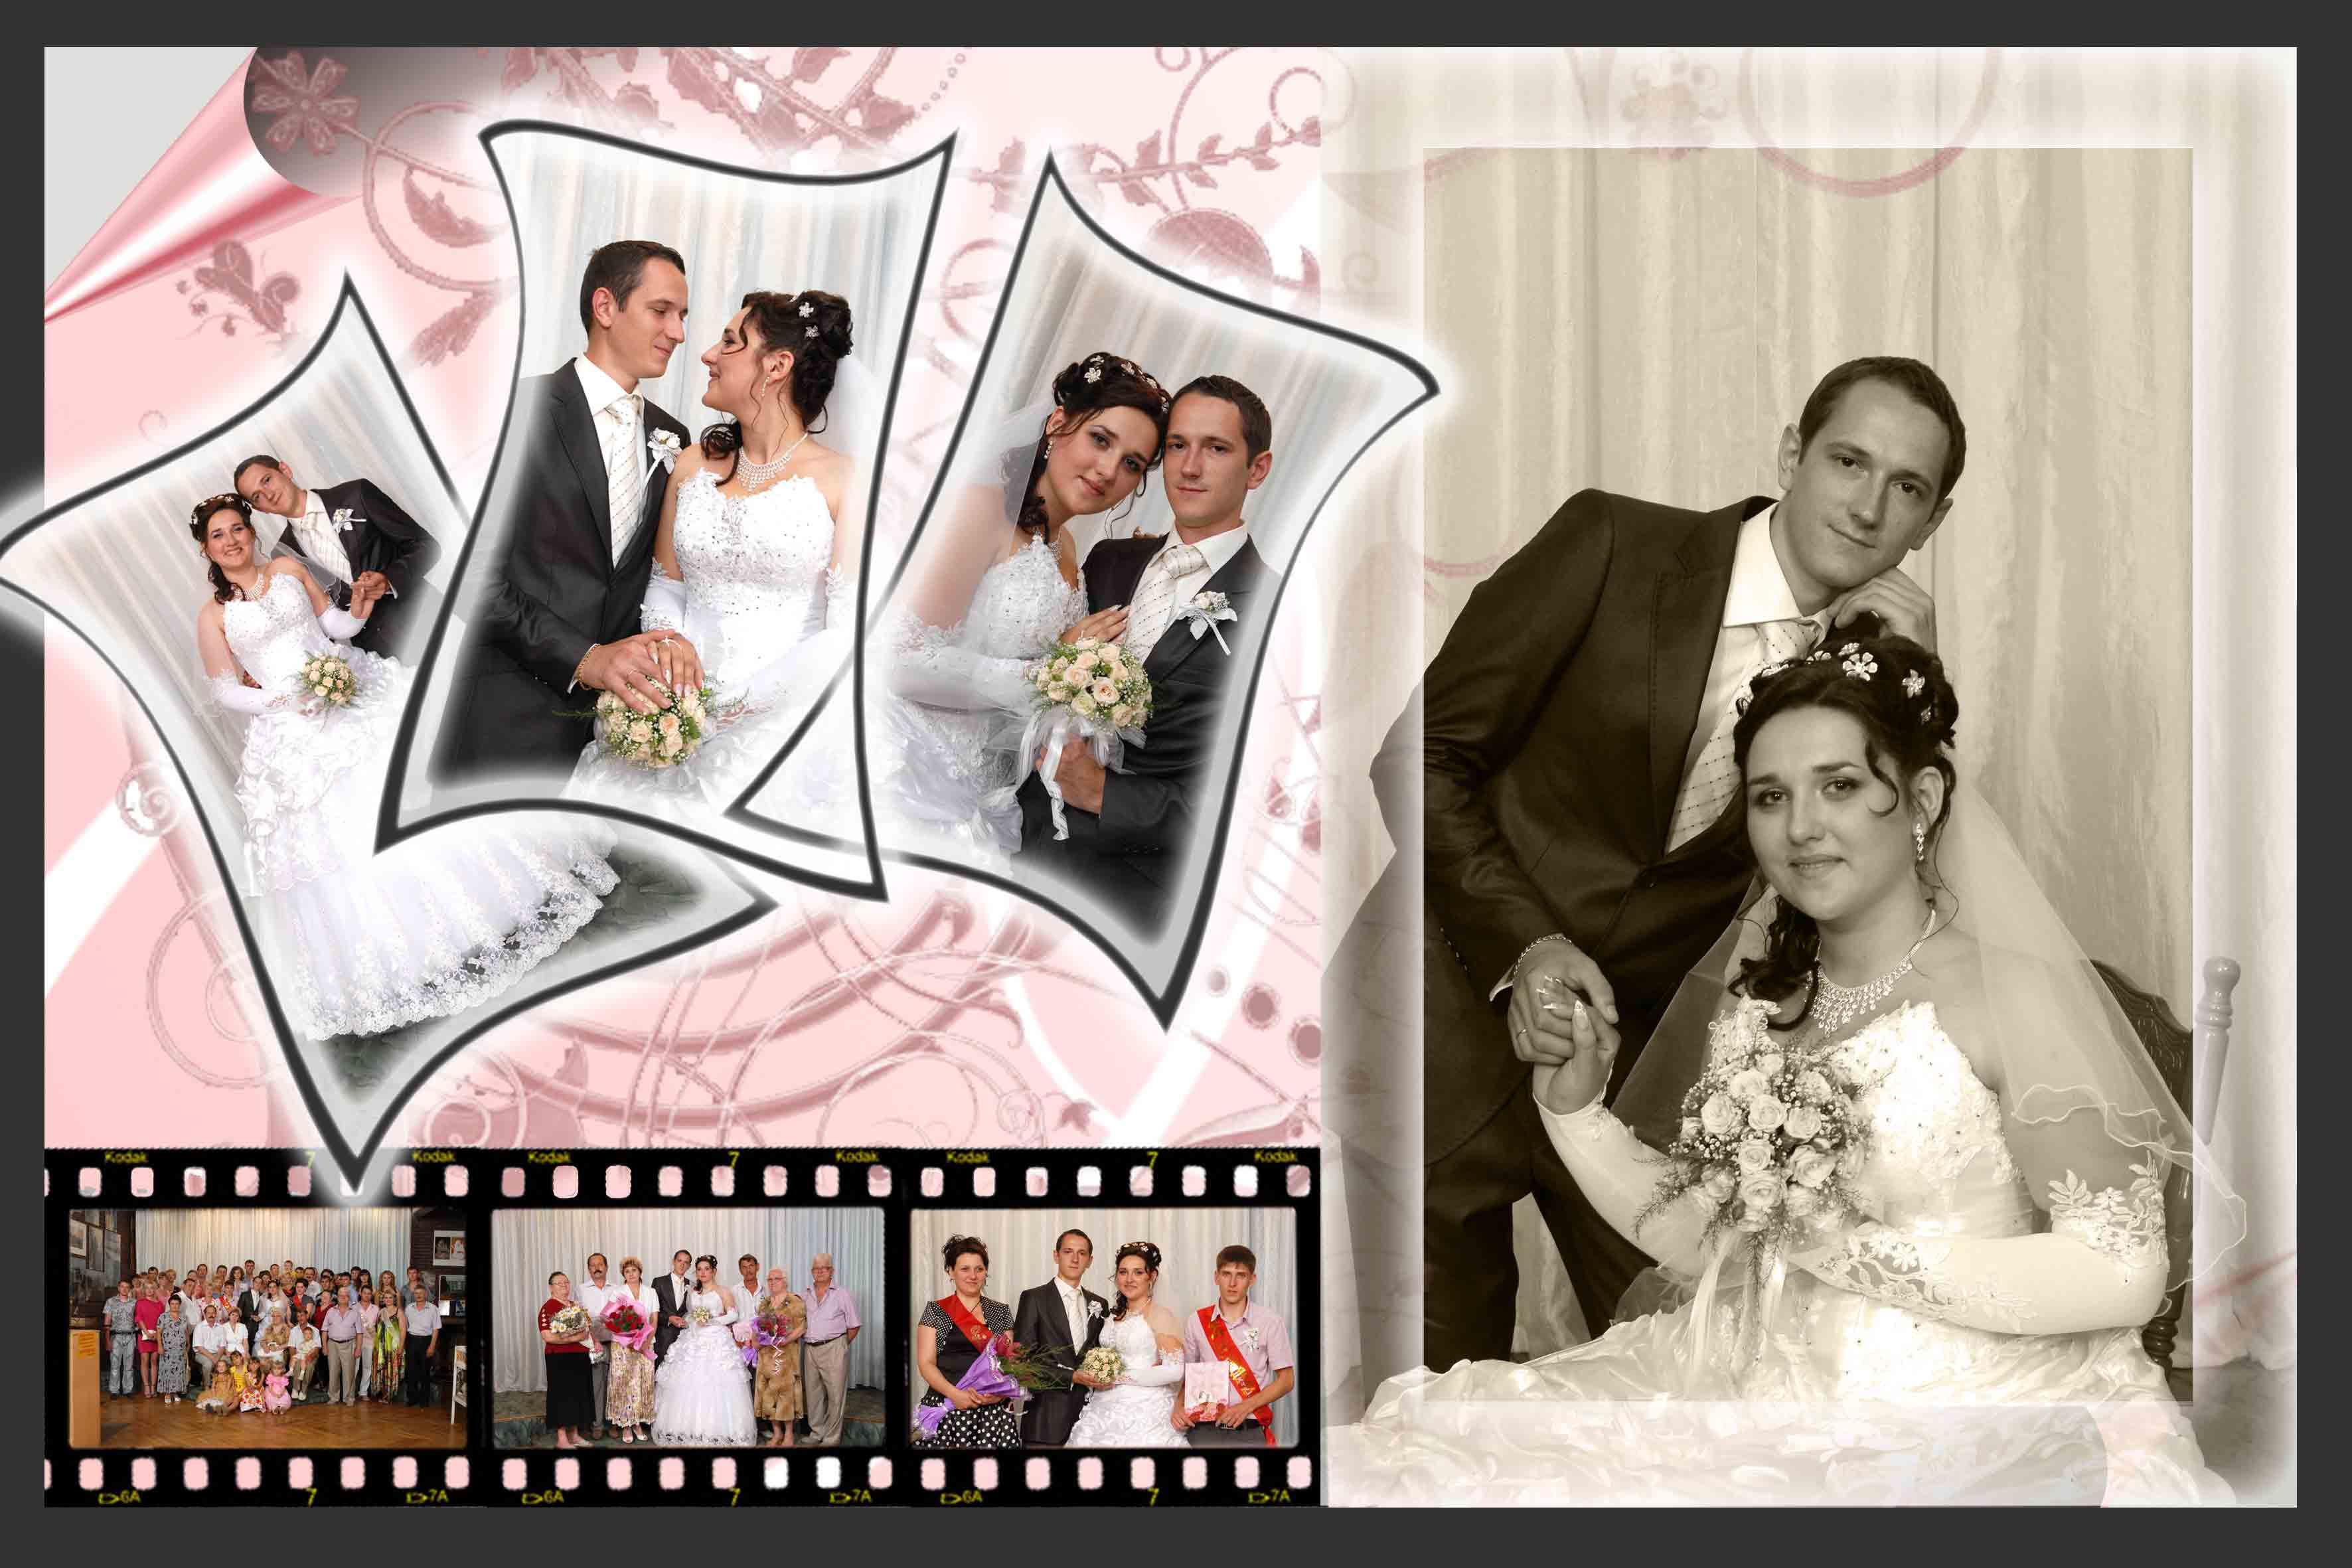 менее, поздравления к фотоколлажу на свадьбу фото айболит животными